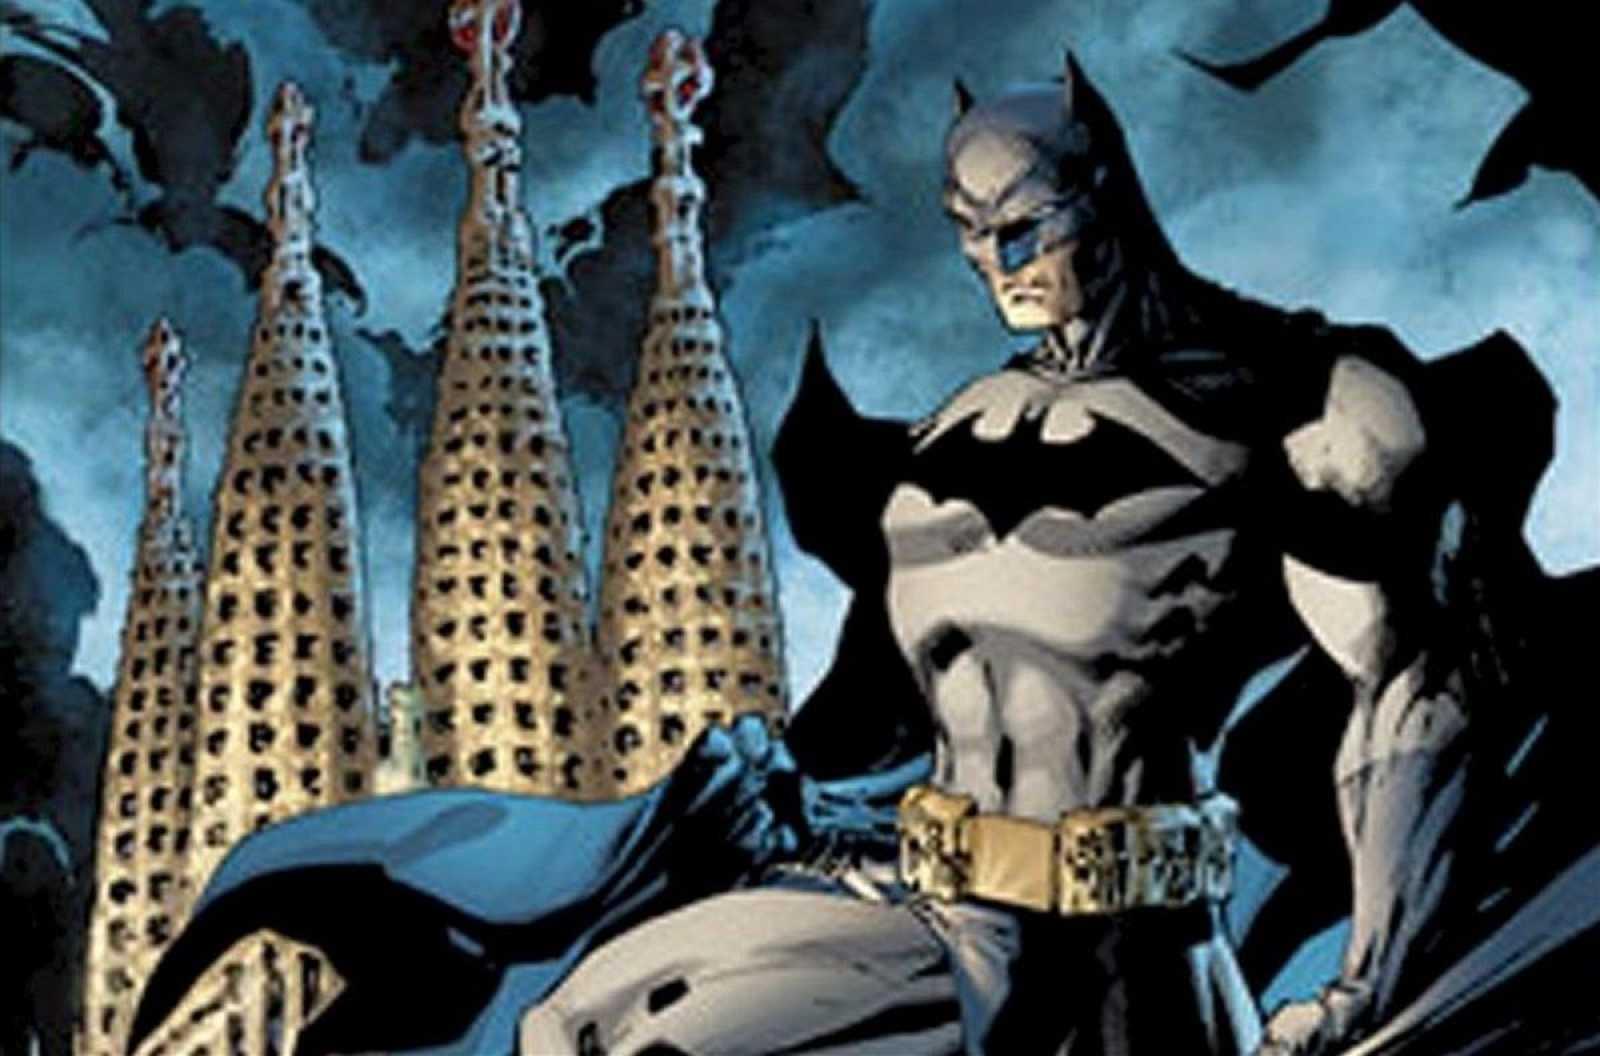 Todos somos sospechosos - Batman en Barcelona - 16/02/21 - escuchar ahora